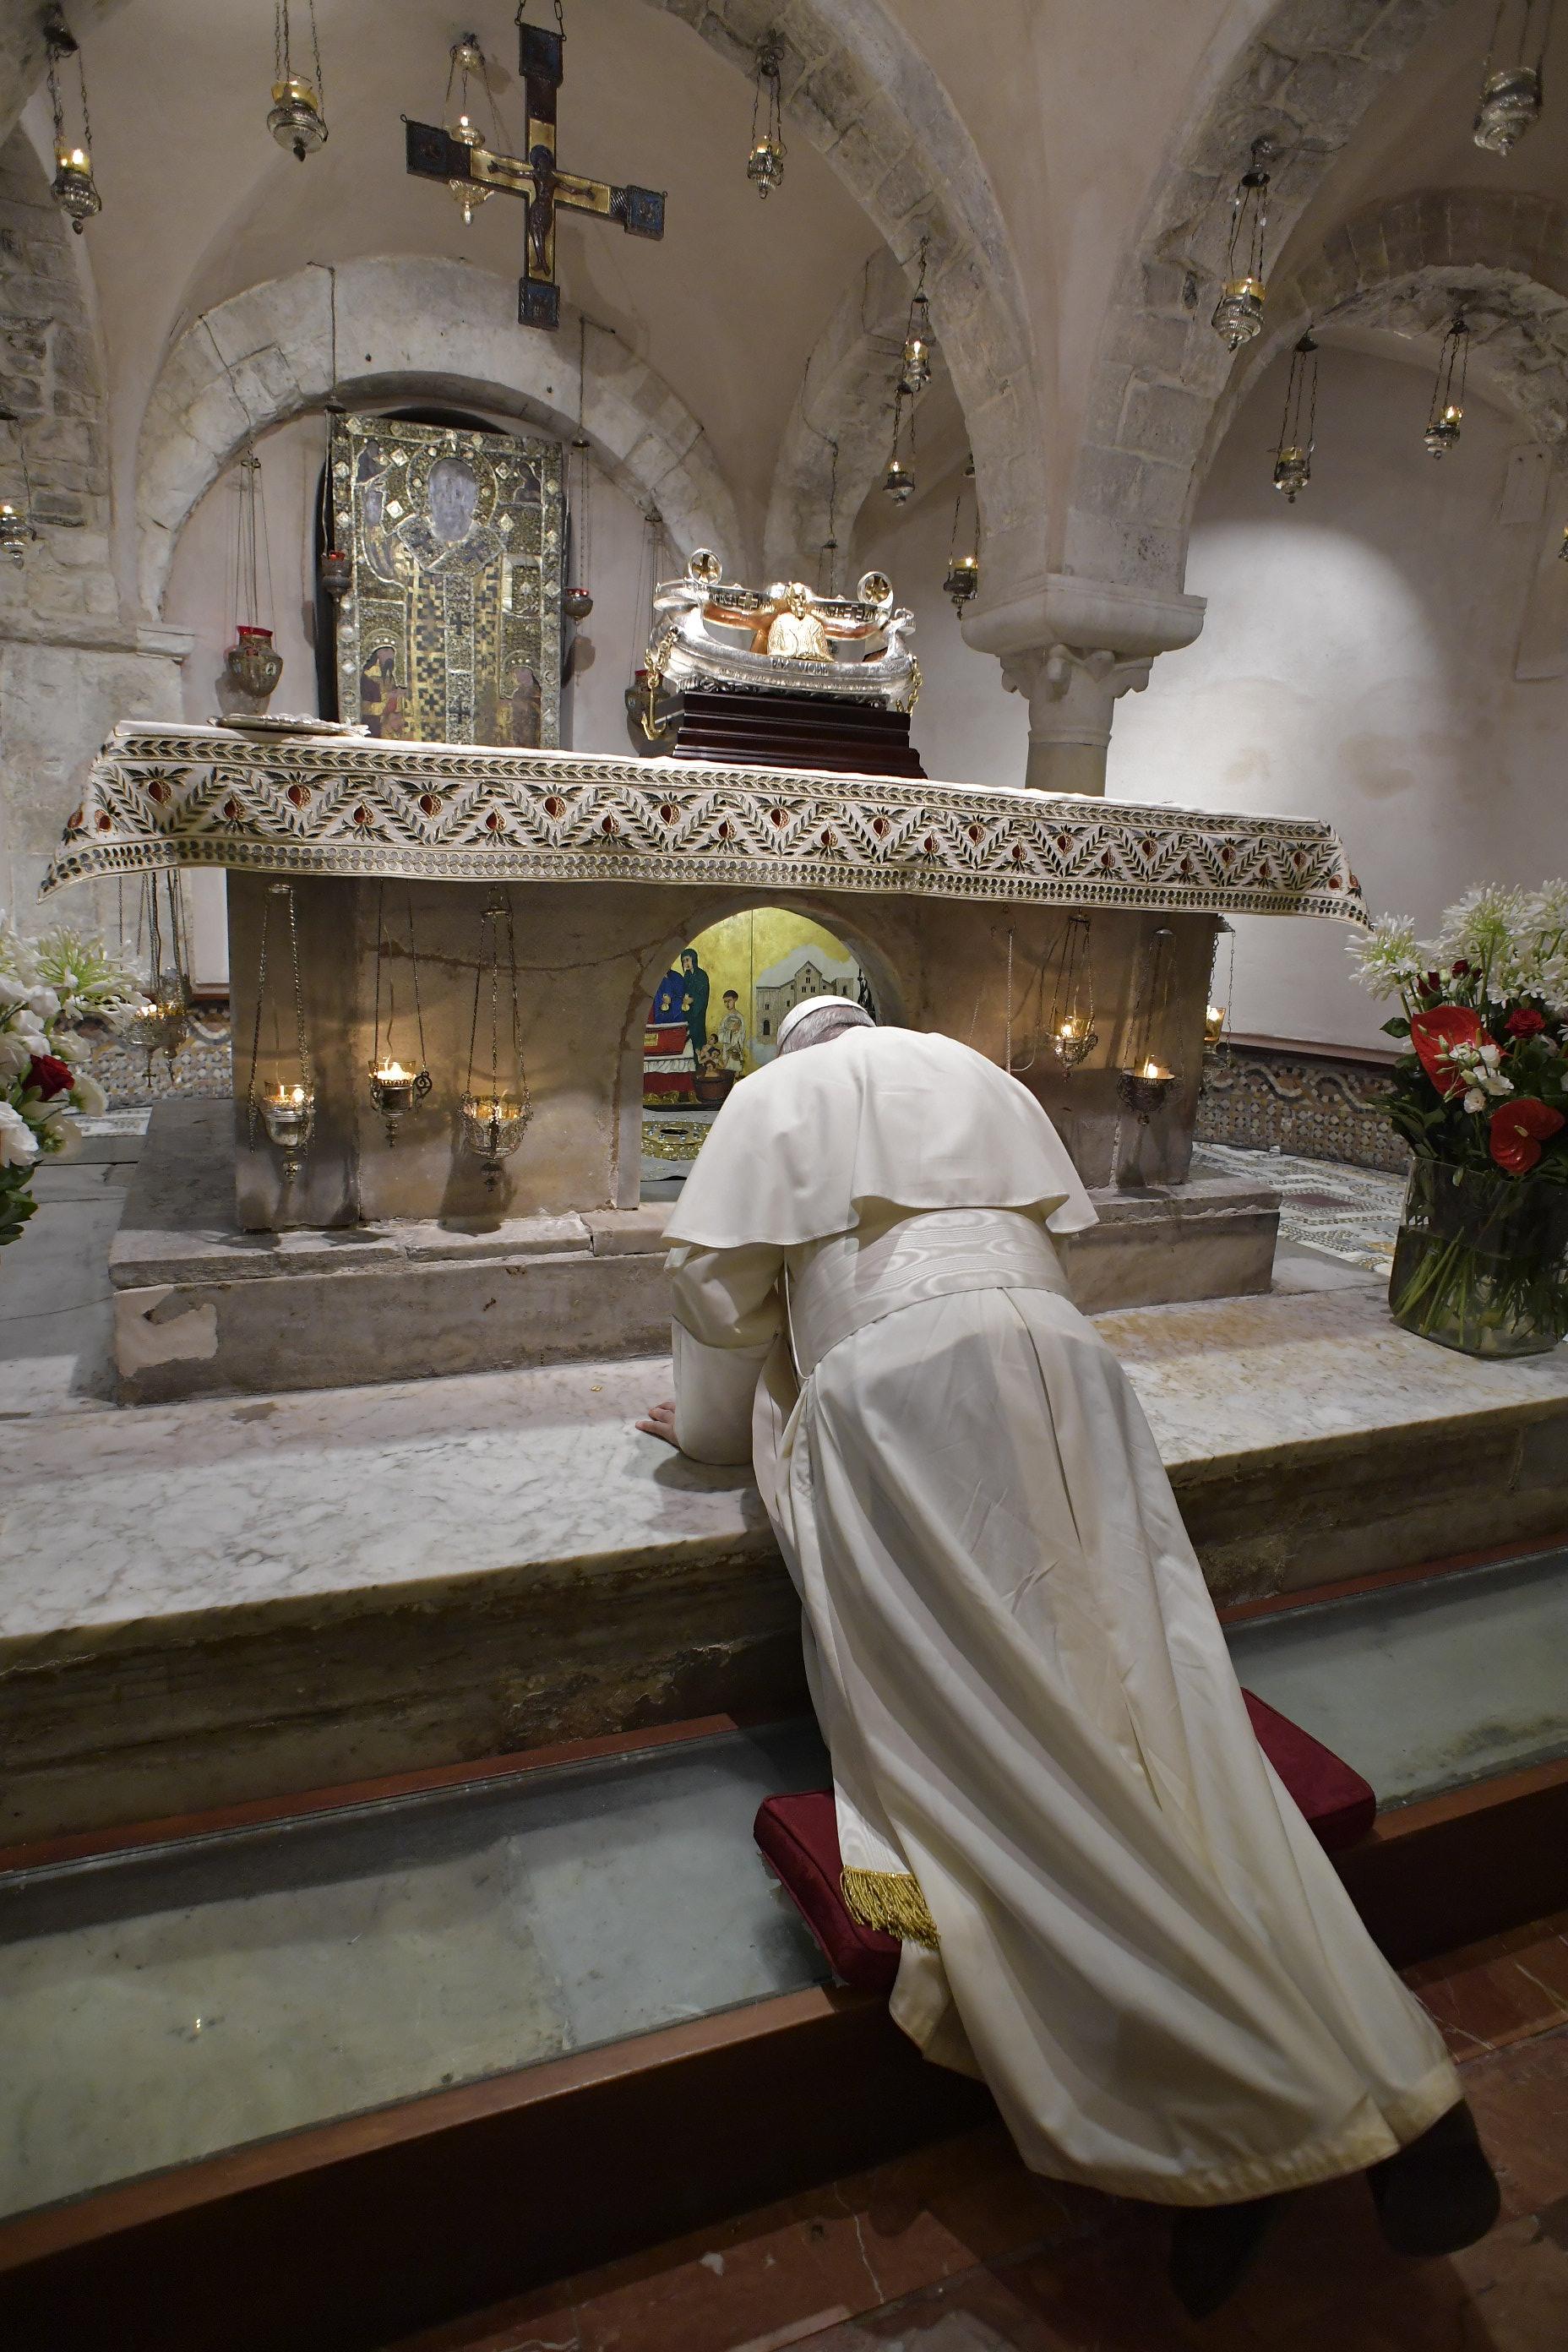 Le pape François se recueille au tombeau de S. Nicolas, à Bari (Italie) 7/7/2018 © Vatican Media